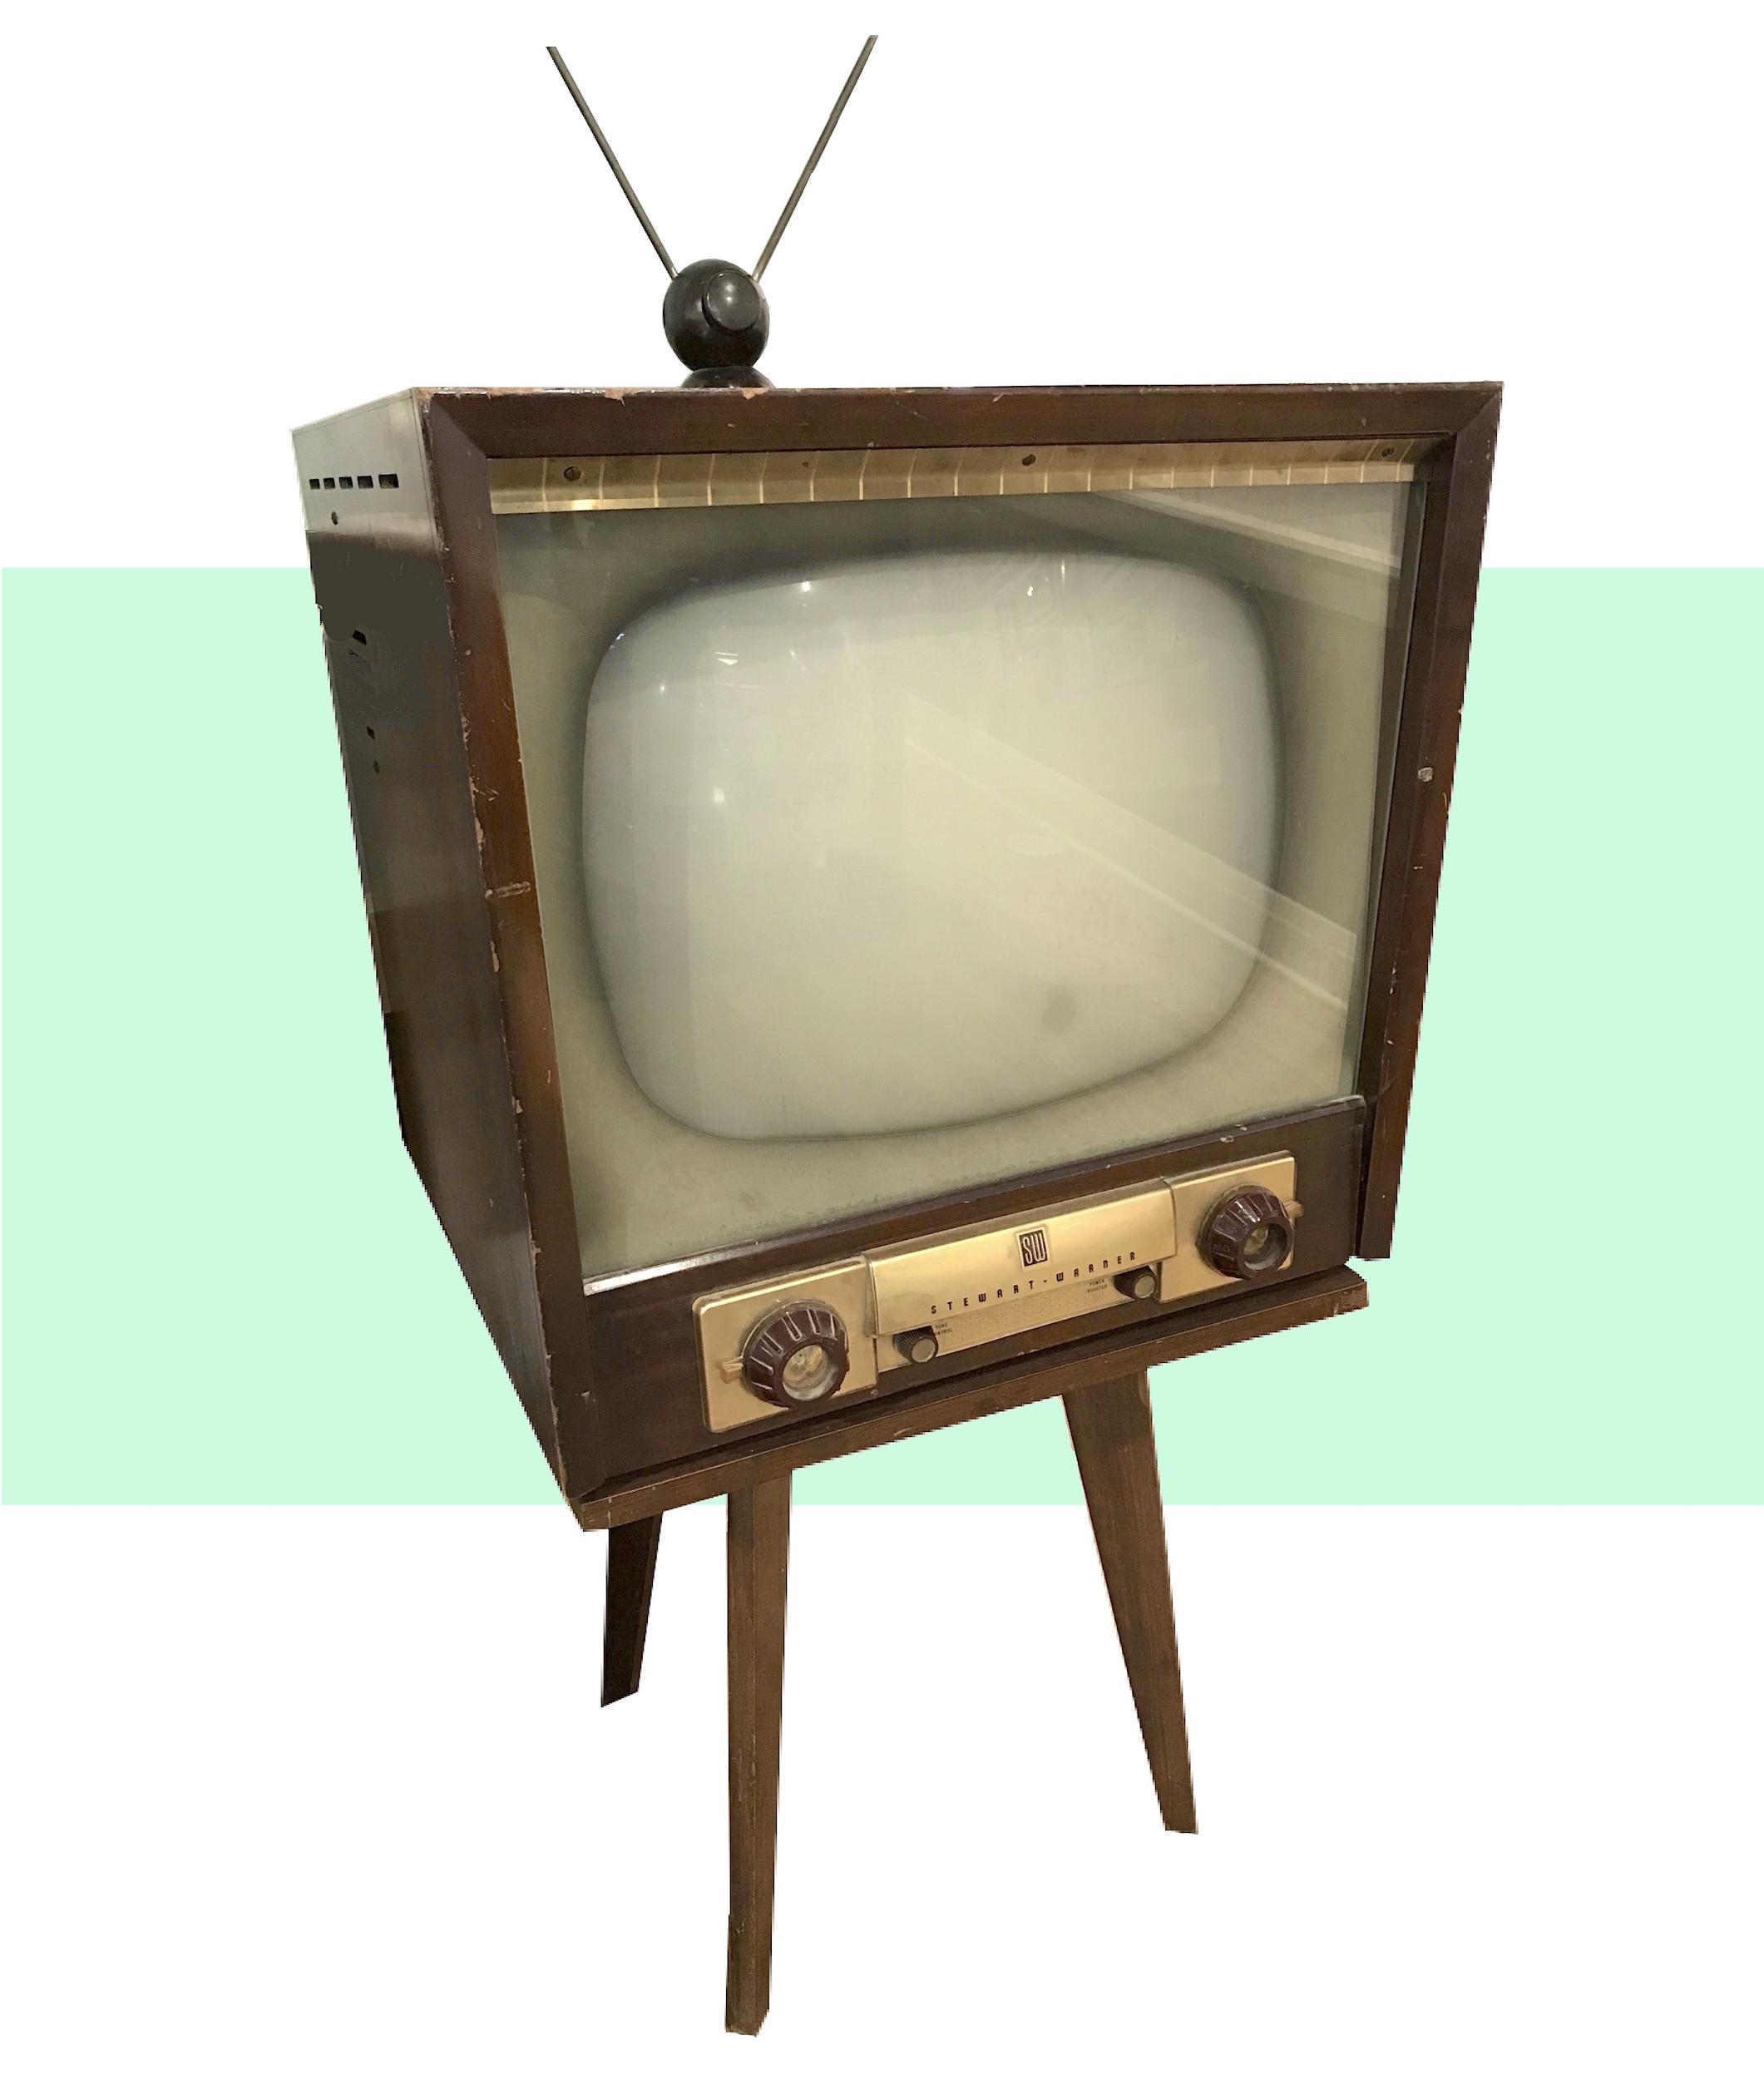 Stewart Warner Television